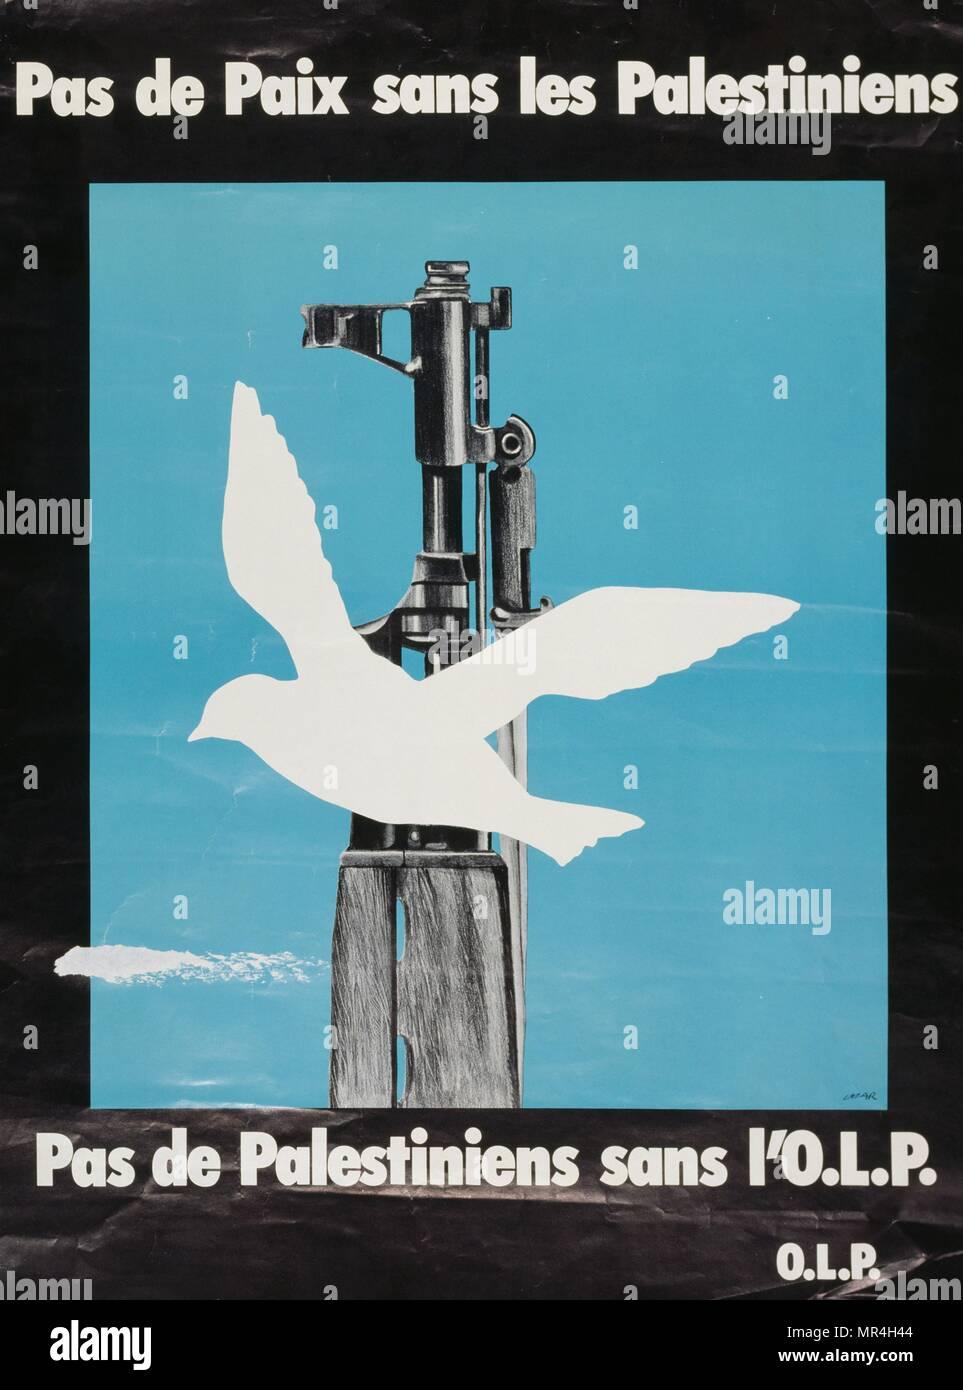 Organización de Liberación de Palestina (OLP) carteles de propaganda contra el proceso de paz con Israel de 1983 Imagen De Stock